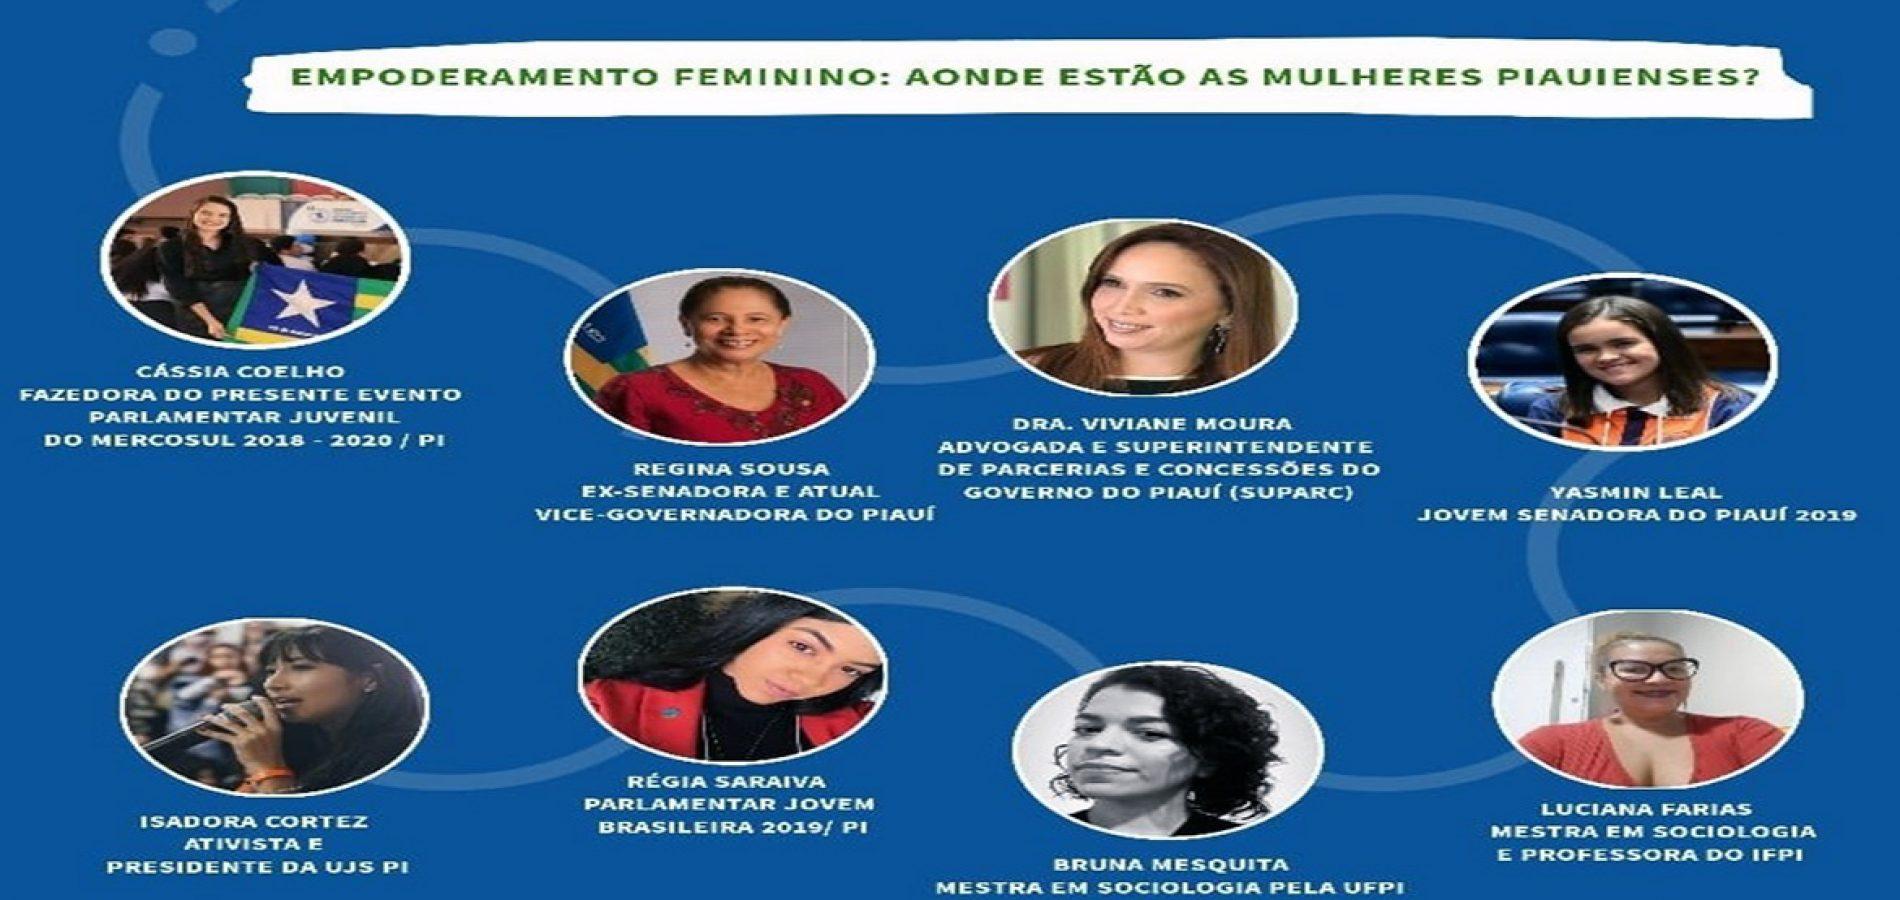 PAULISTANA | Representante do Parlamento Mercosul promoverá bate-papo virtual 'Empoderamento Feminino: Aonde estão as mulheres piauienses?'